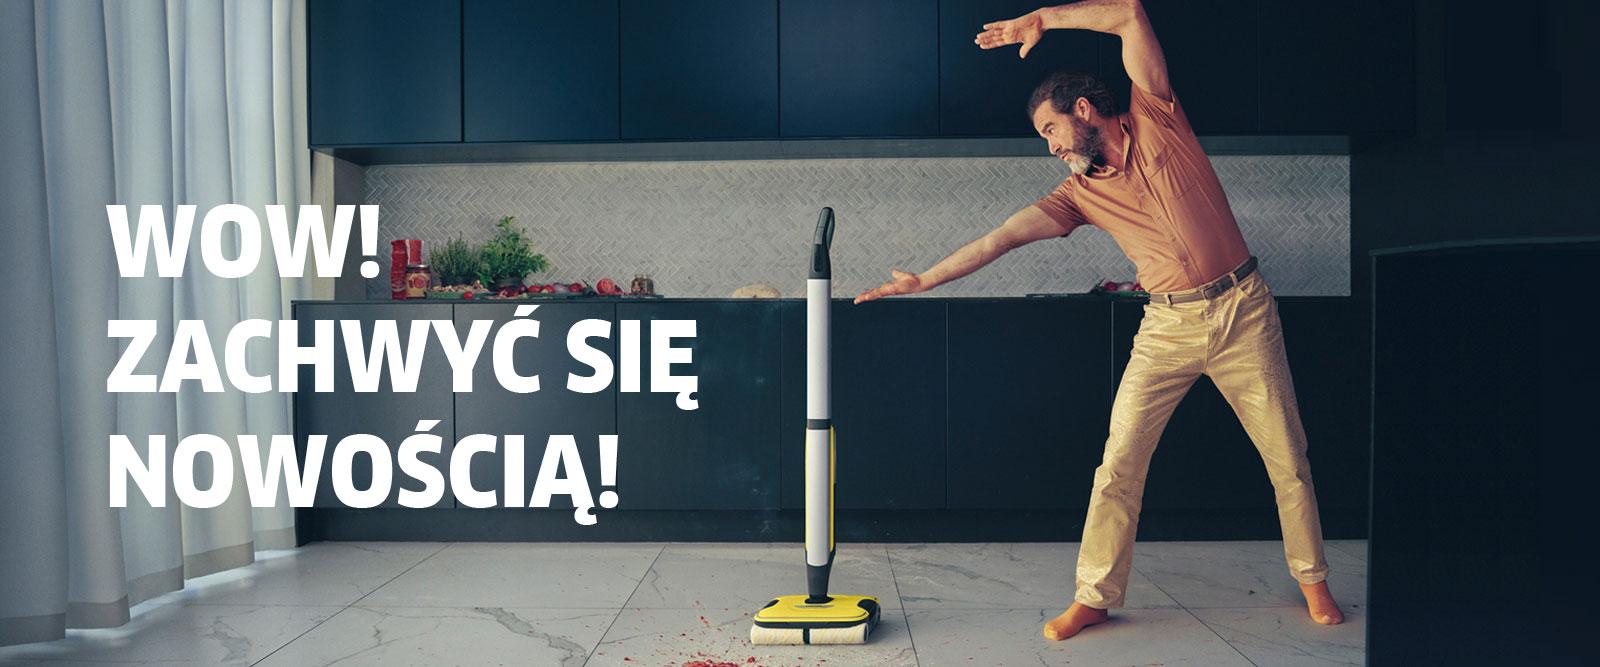 Mopy elektryczne – zachwyć się nowością!